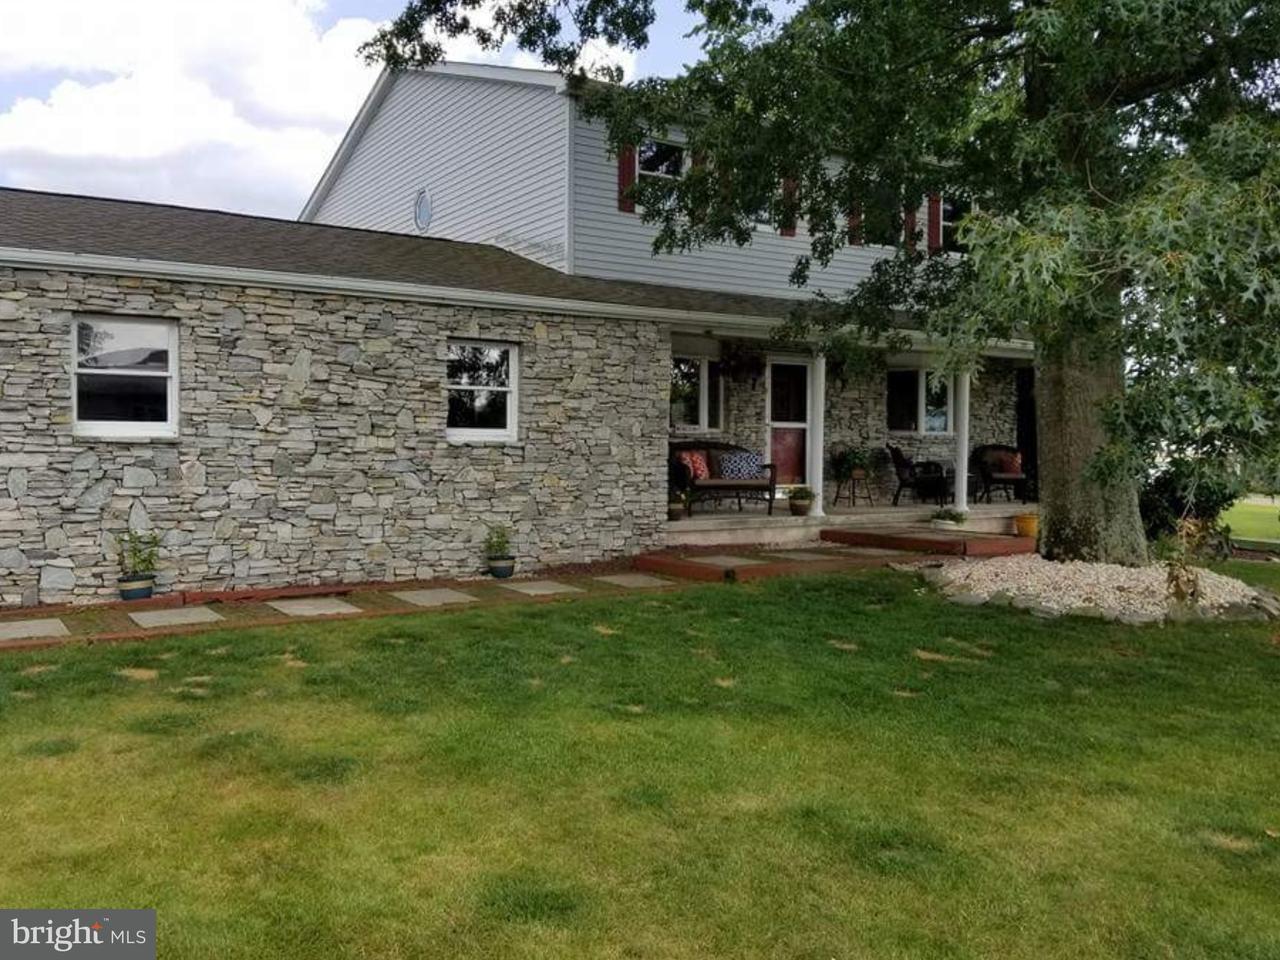 独户住宅 为 销售 在 36 KAUP Avenue Tamaqua, 宾夕法尼亚州 18252 美国